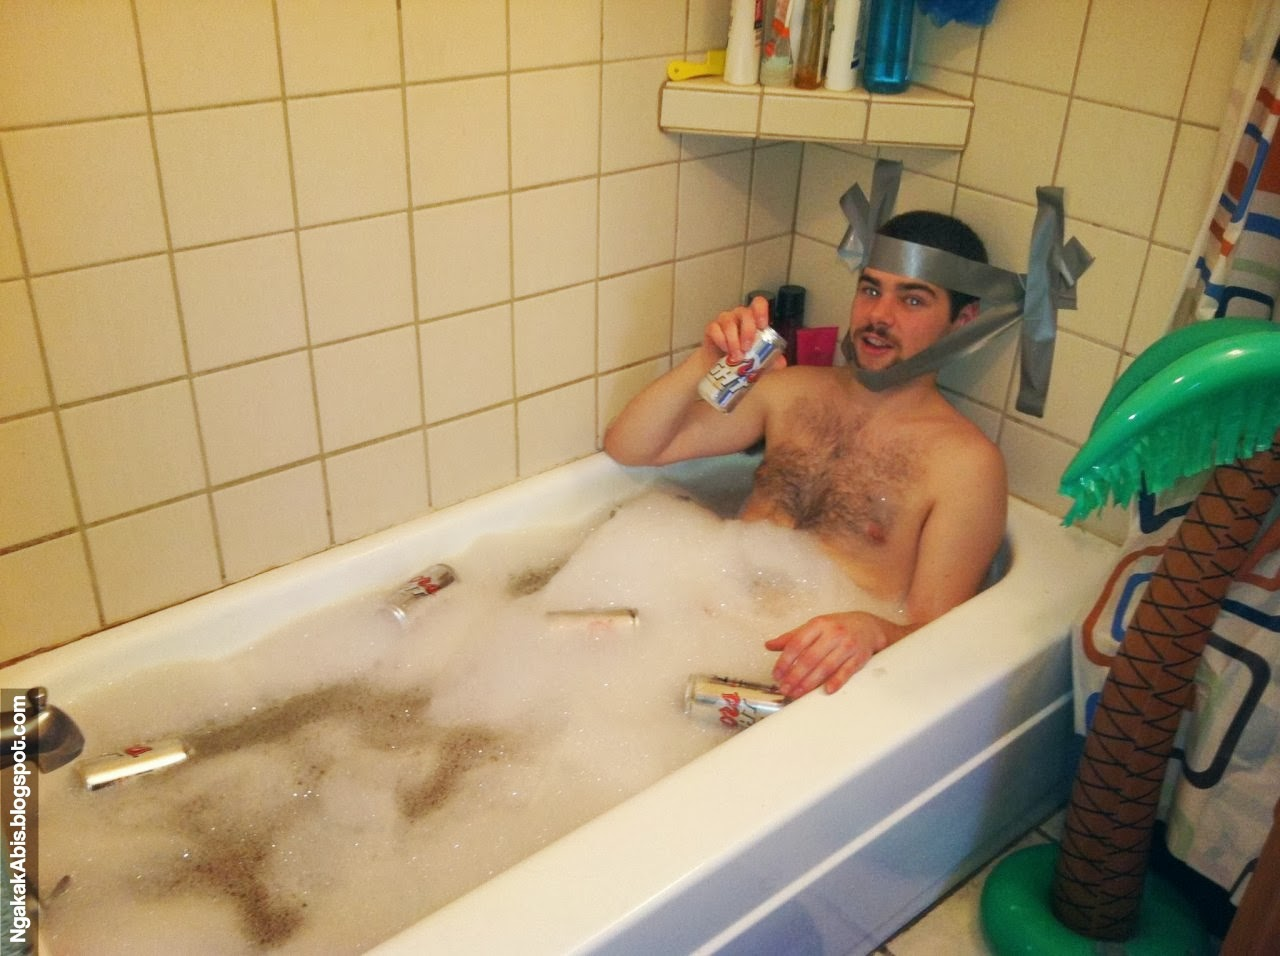 Трахаю зрелую раком в ванной, Порно В ванной Раком -видео. Смотреть порно 1 фотография